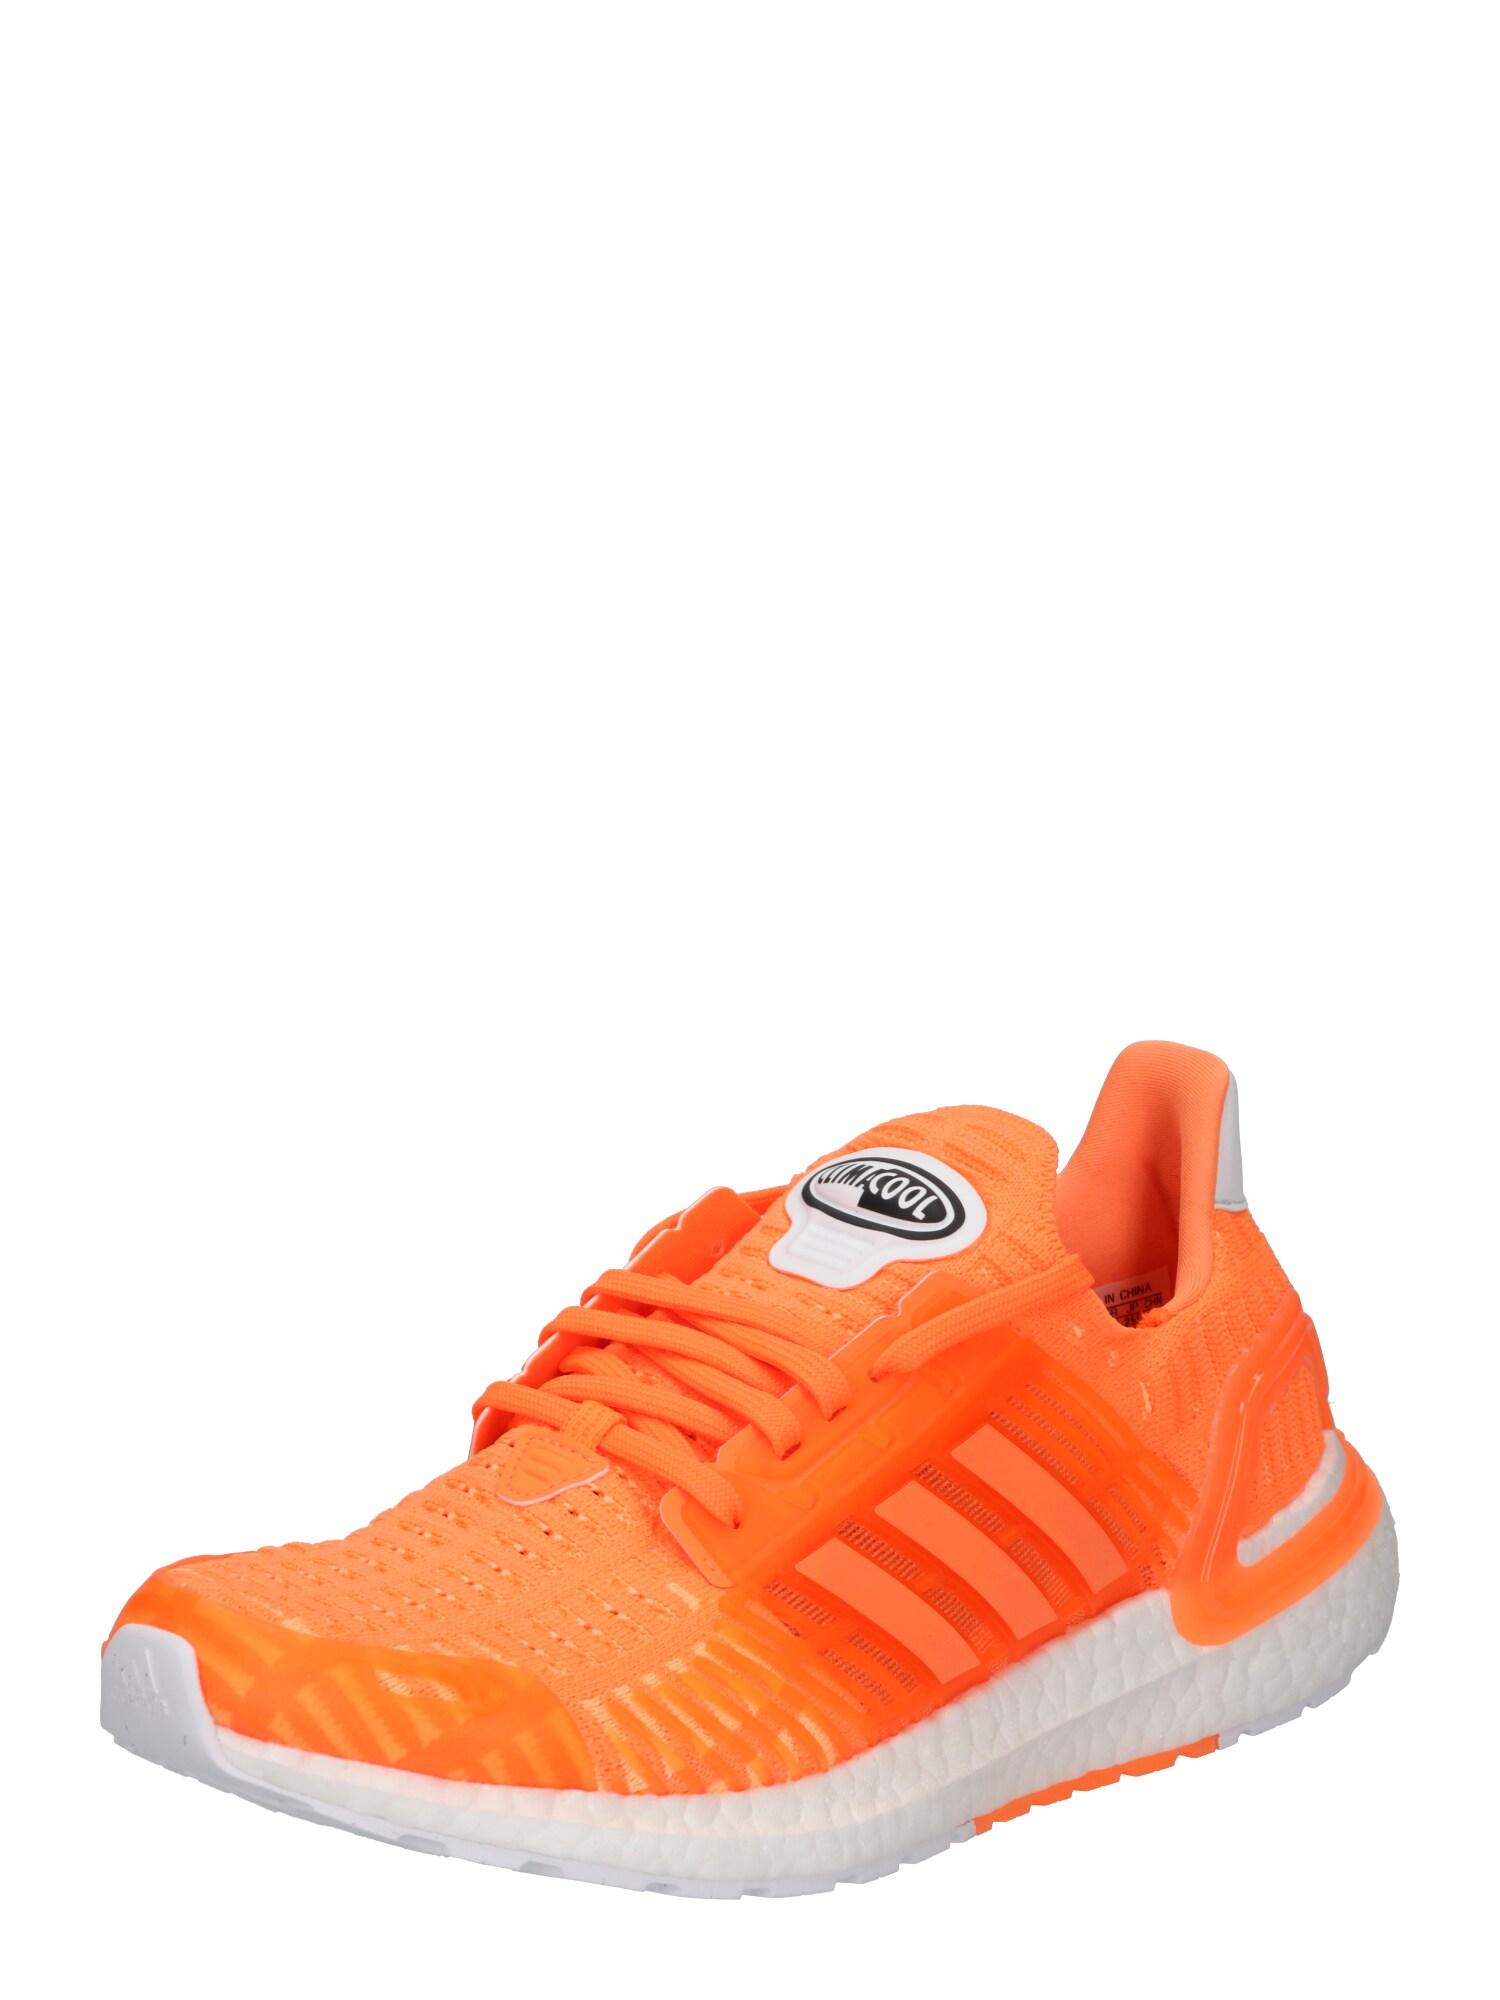 ADIDAS PERFORMANCE Bėgimo batai oranžinė / pilka